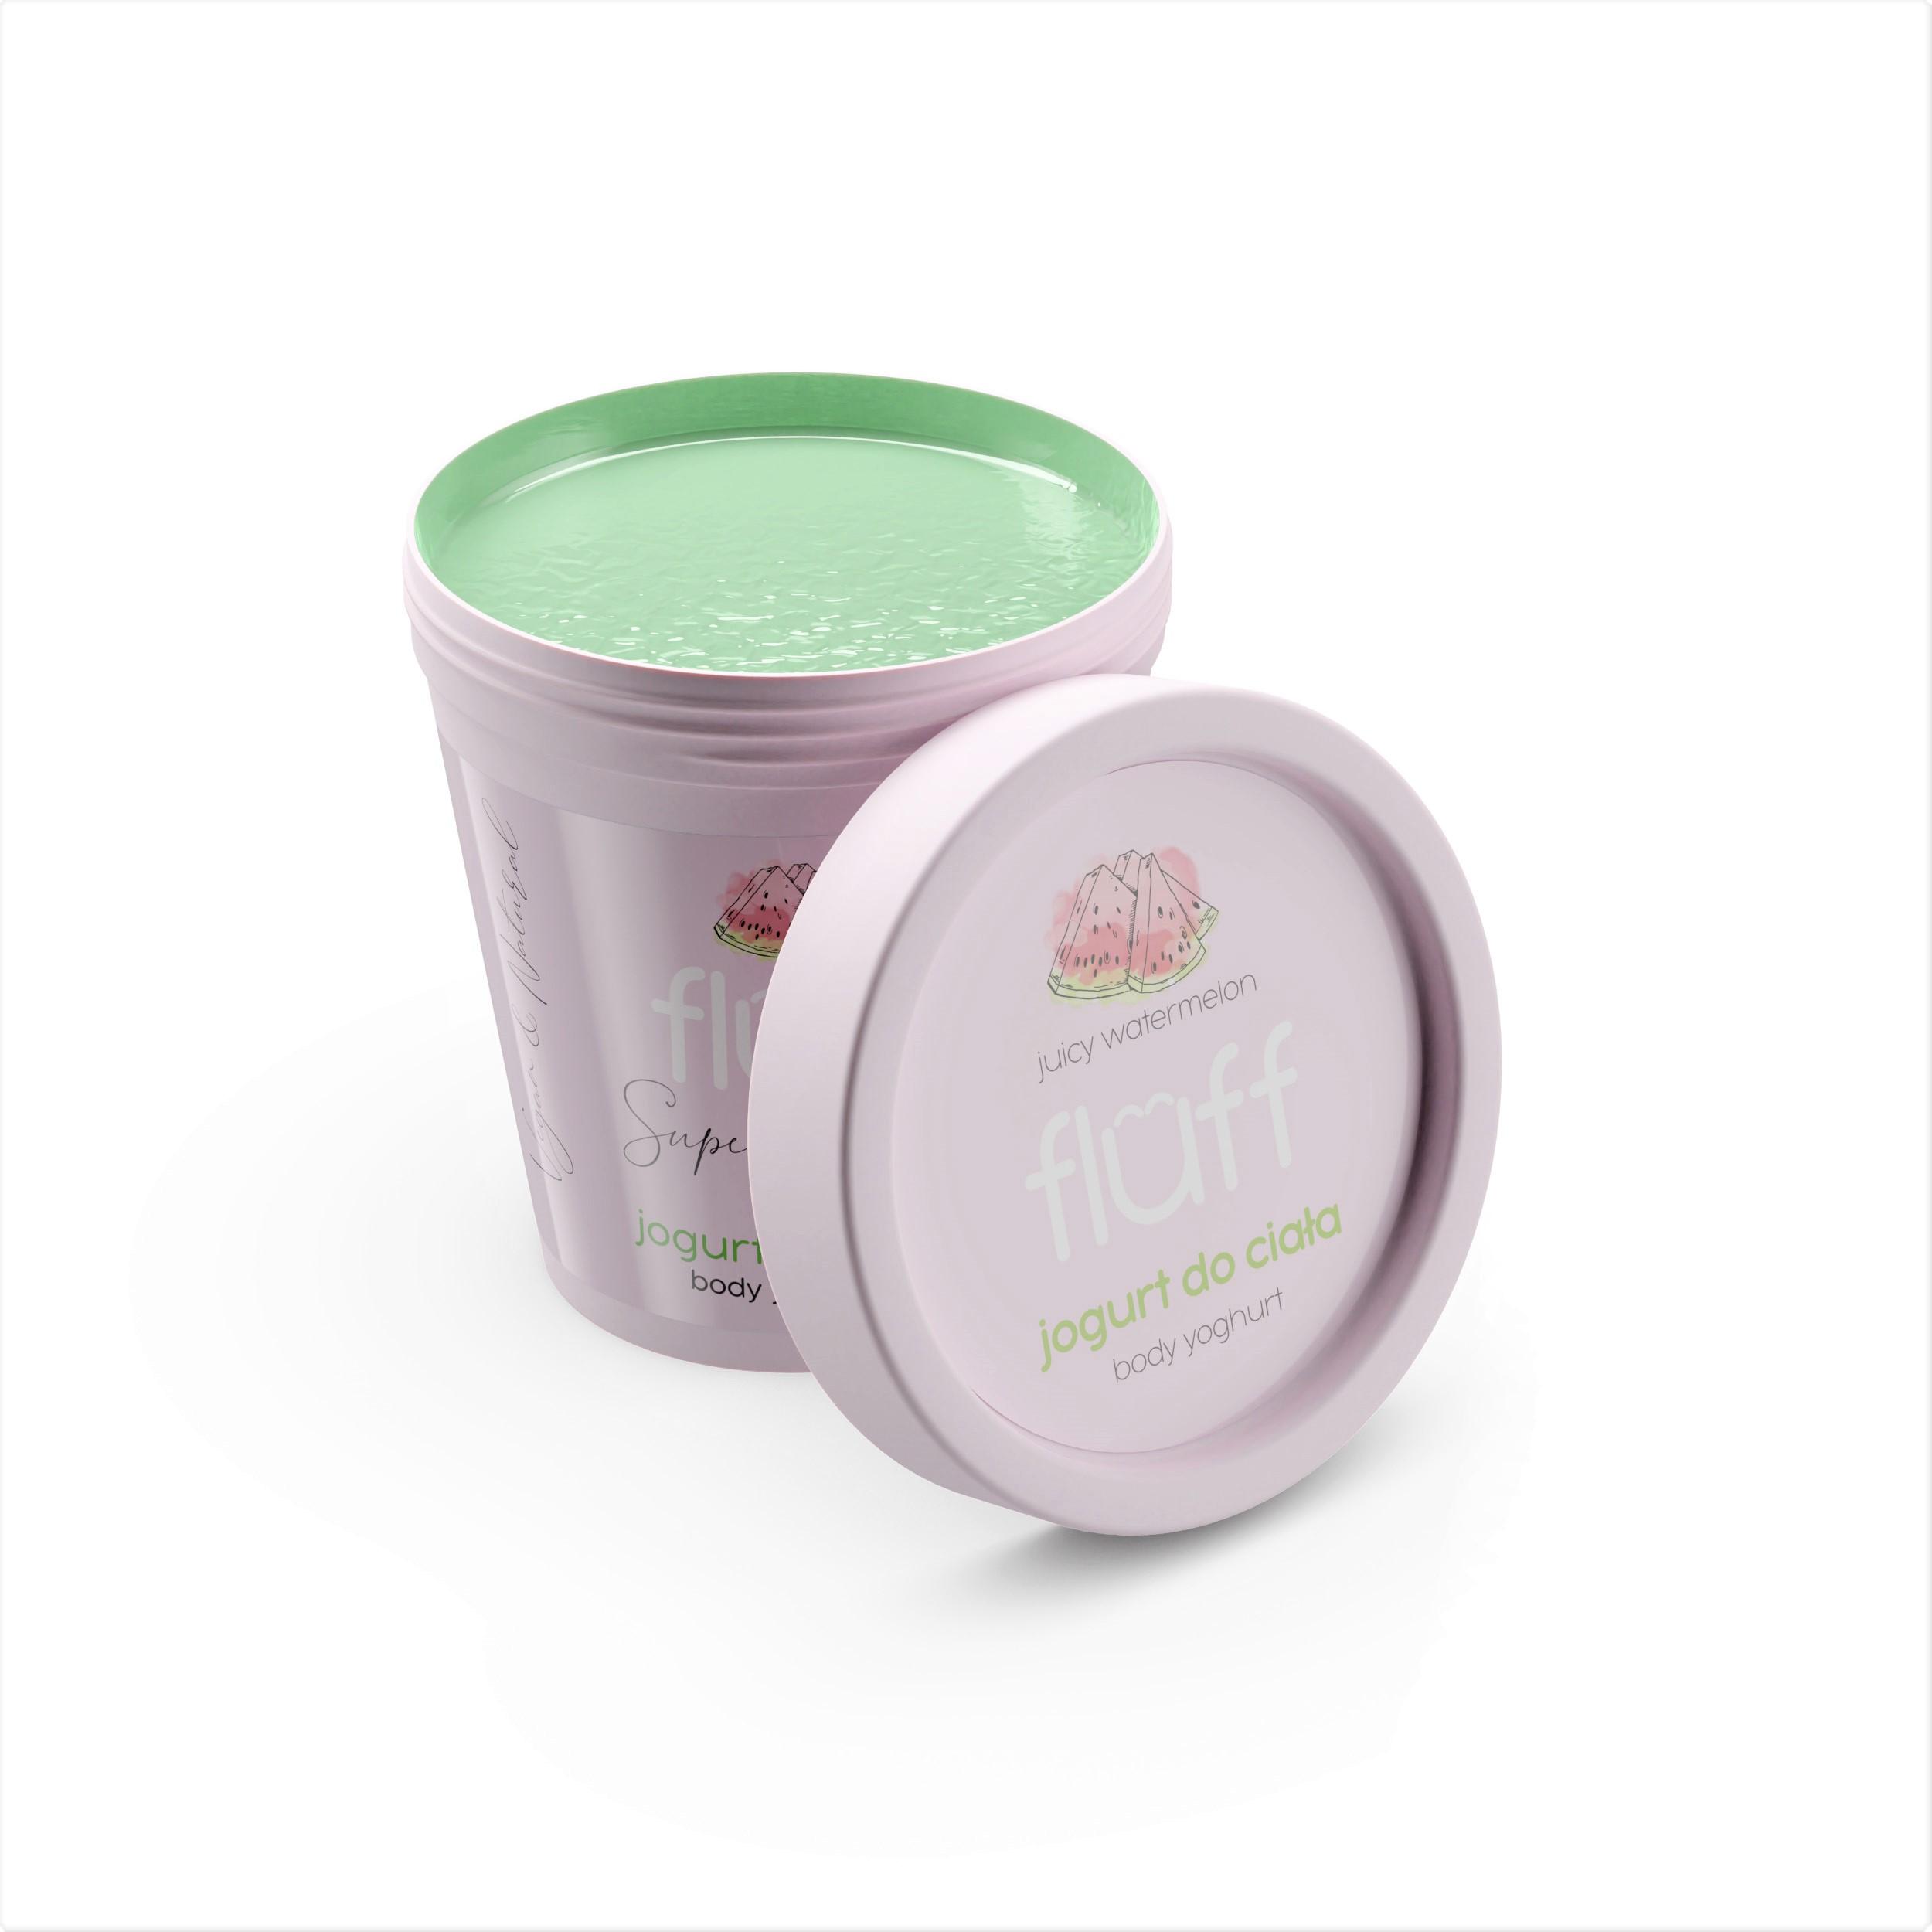 Jogurt Do Ciała Soczysty Arbuz 180ml 5902539711059 1